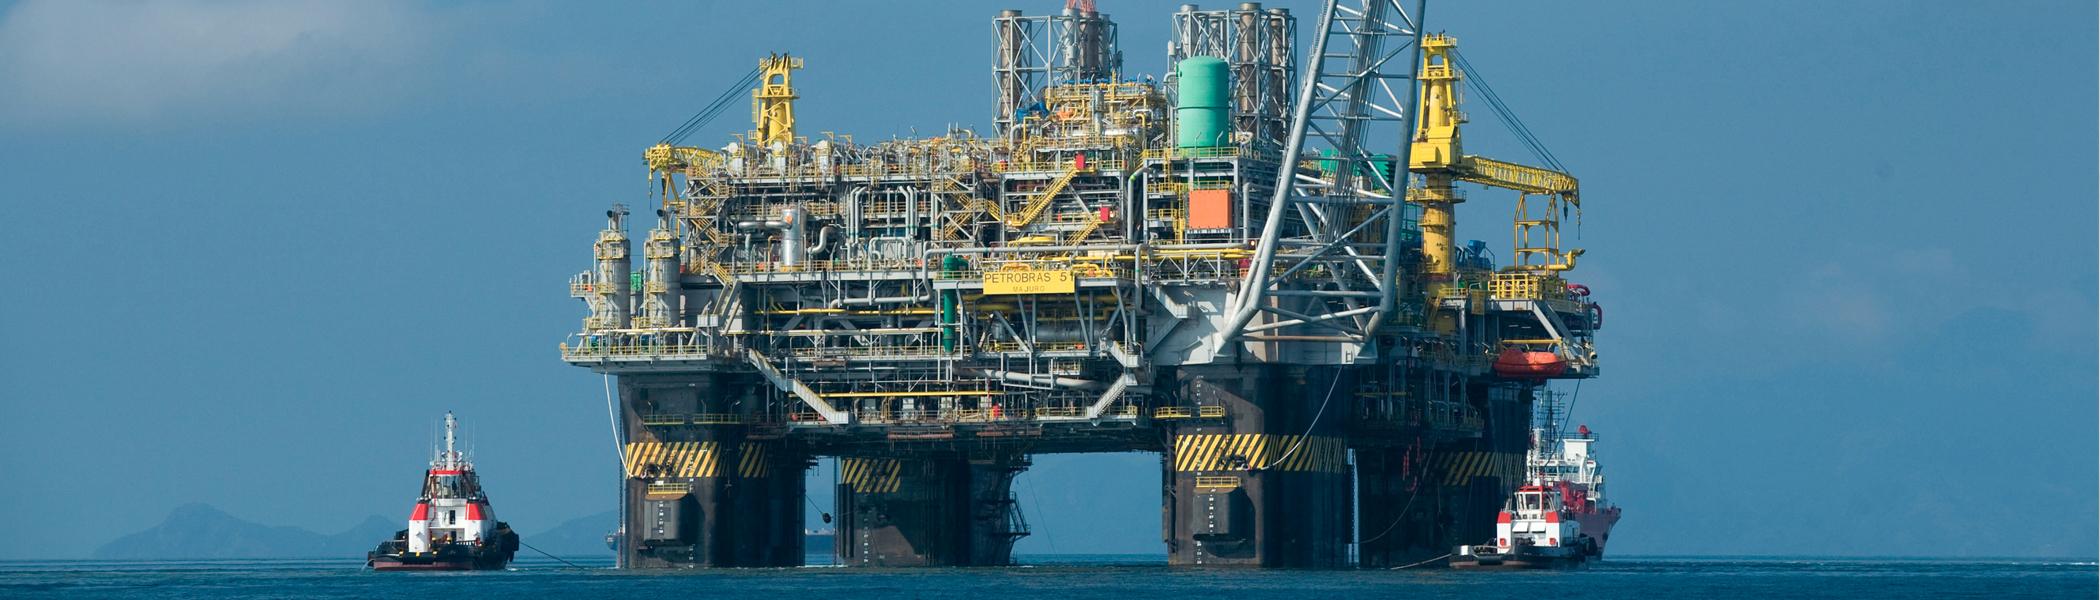 oil-slider